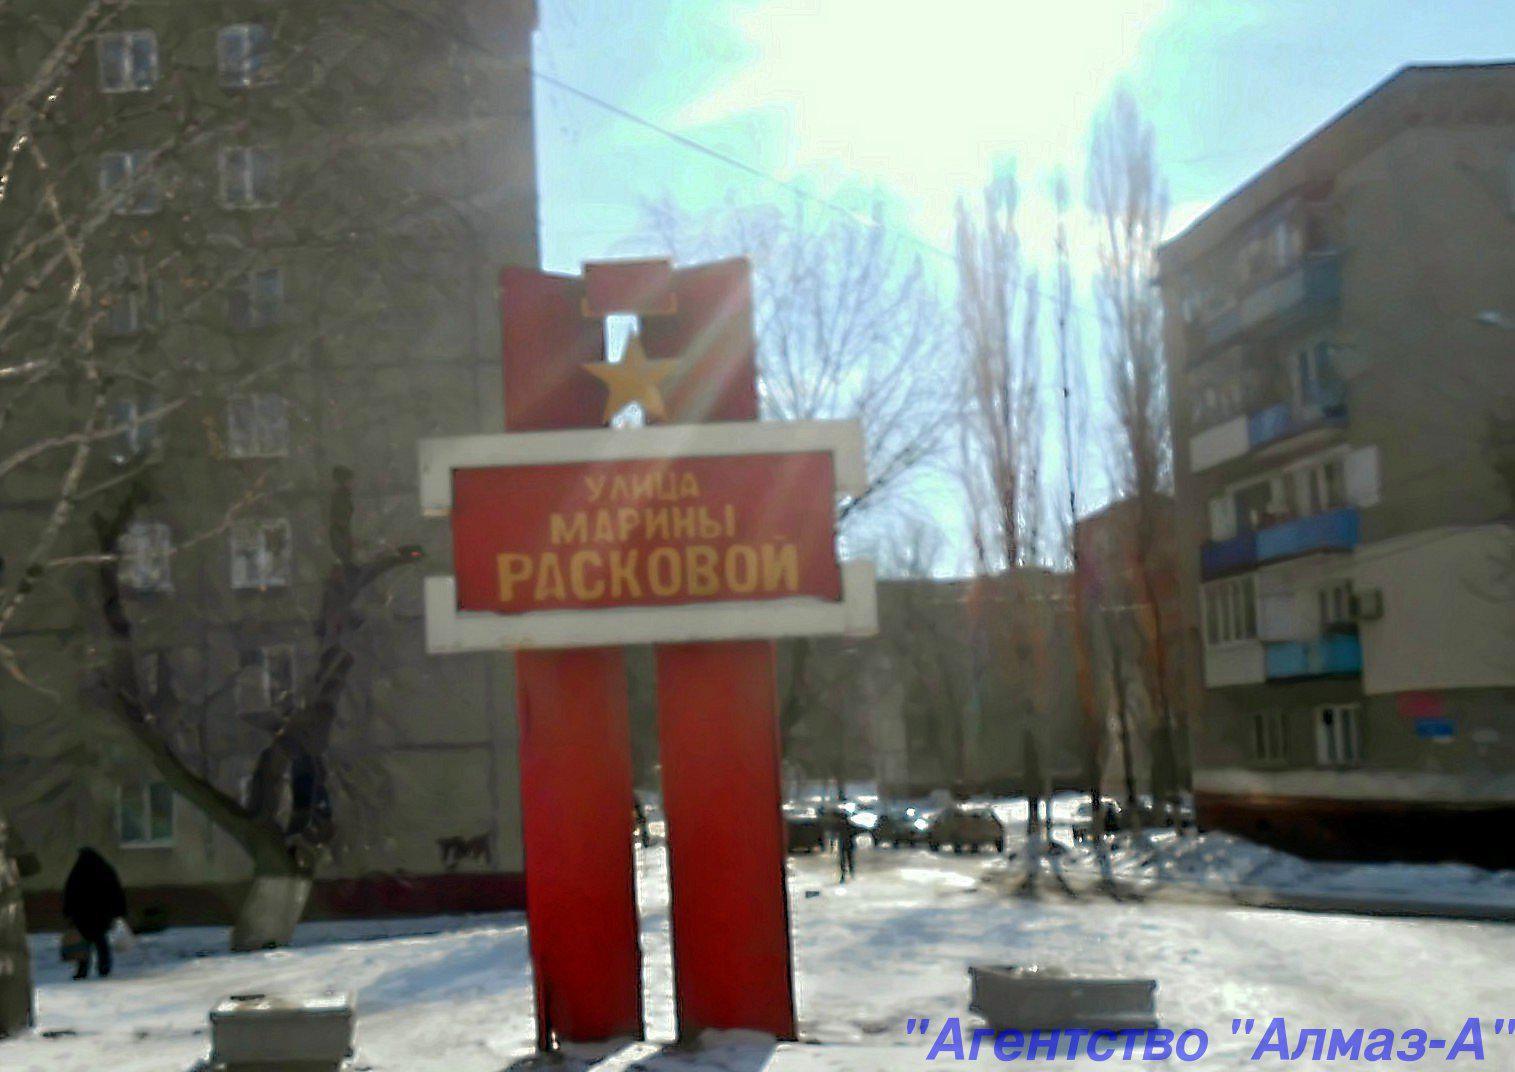 Саратов Заводской район улица Марины Расковой